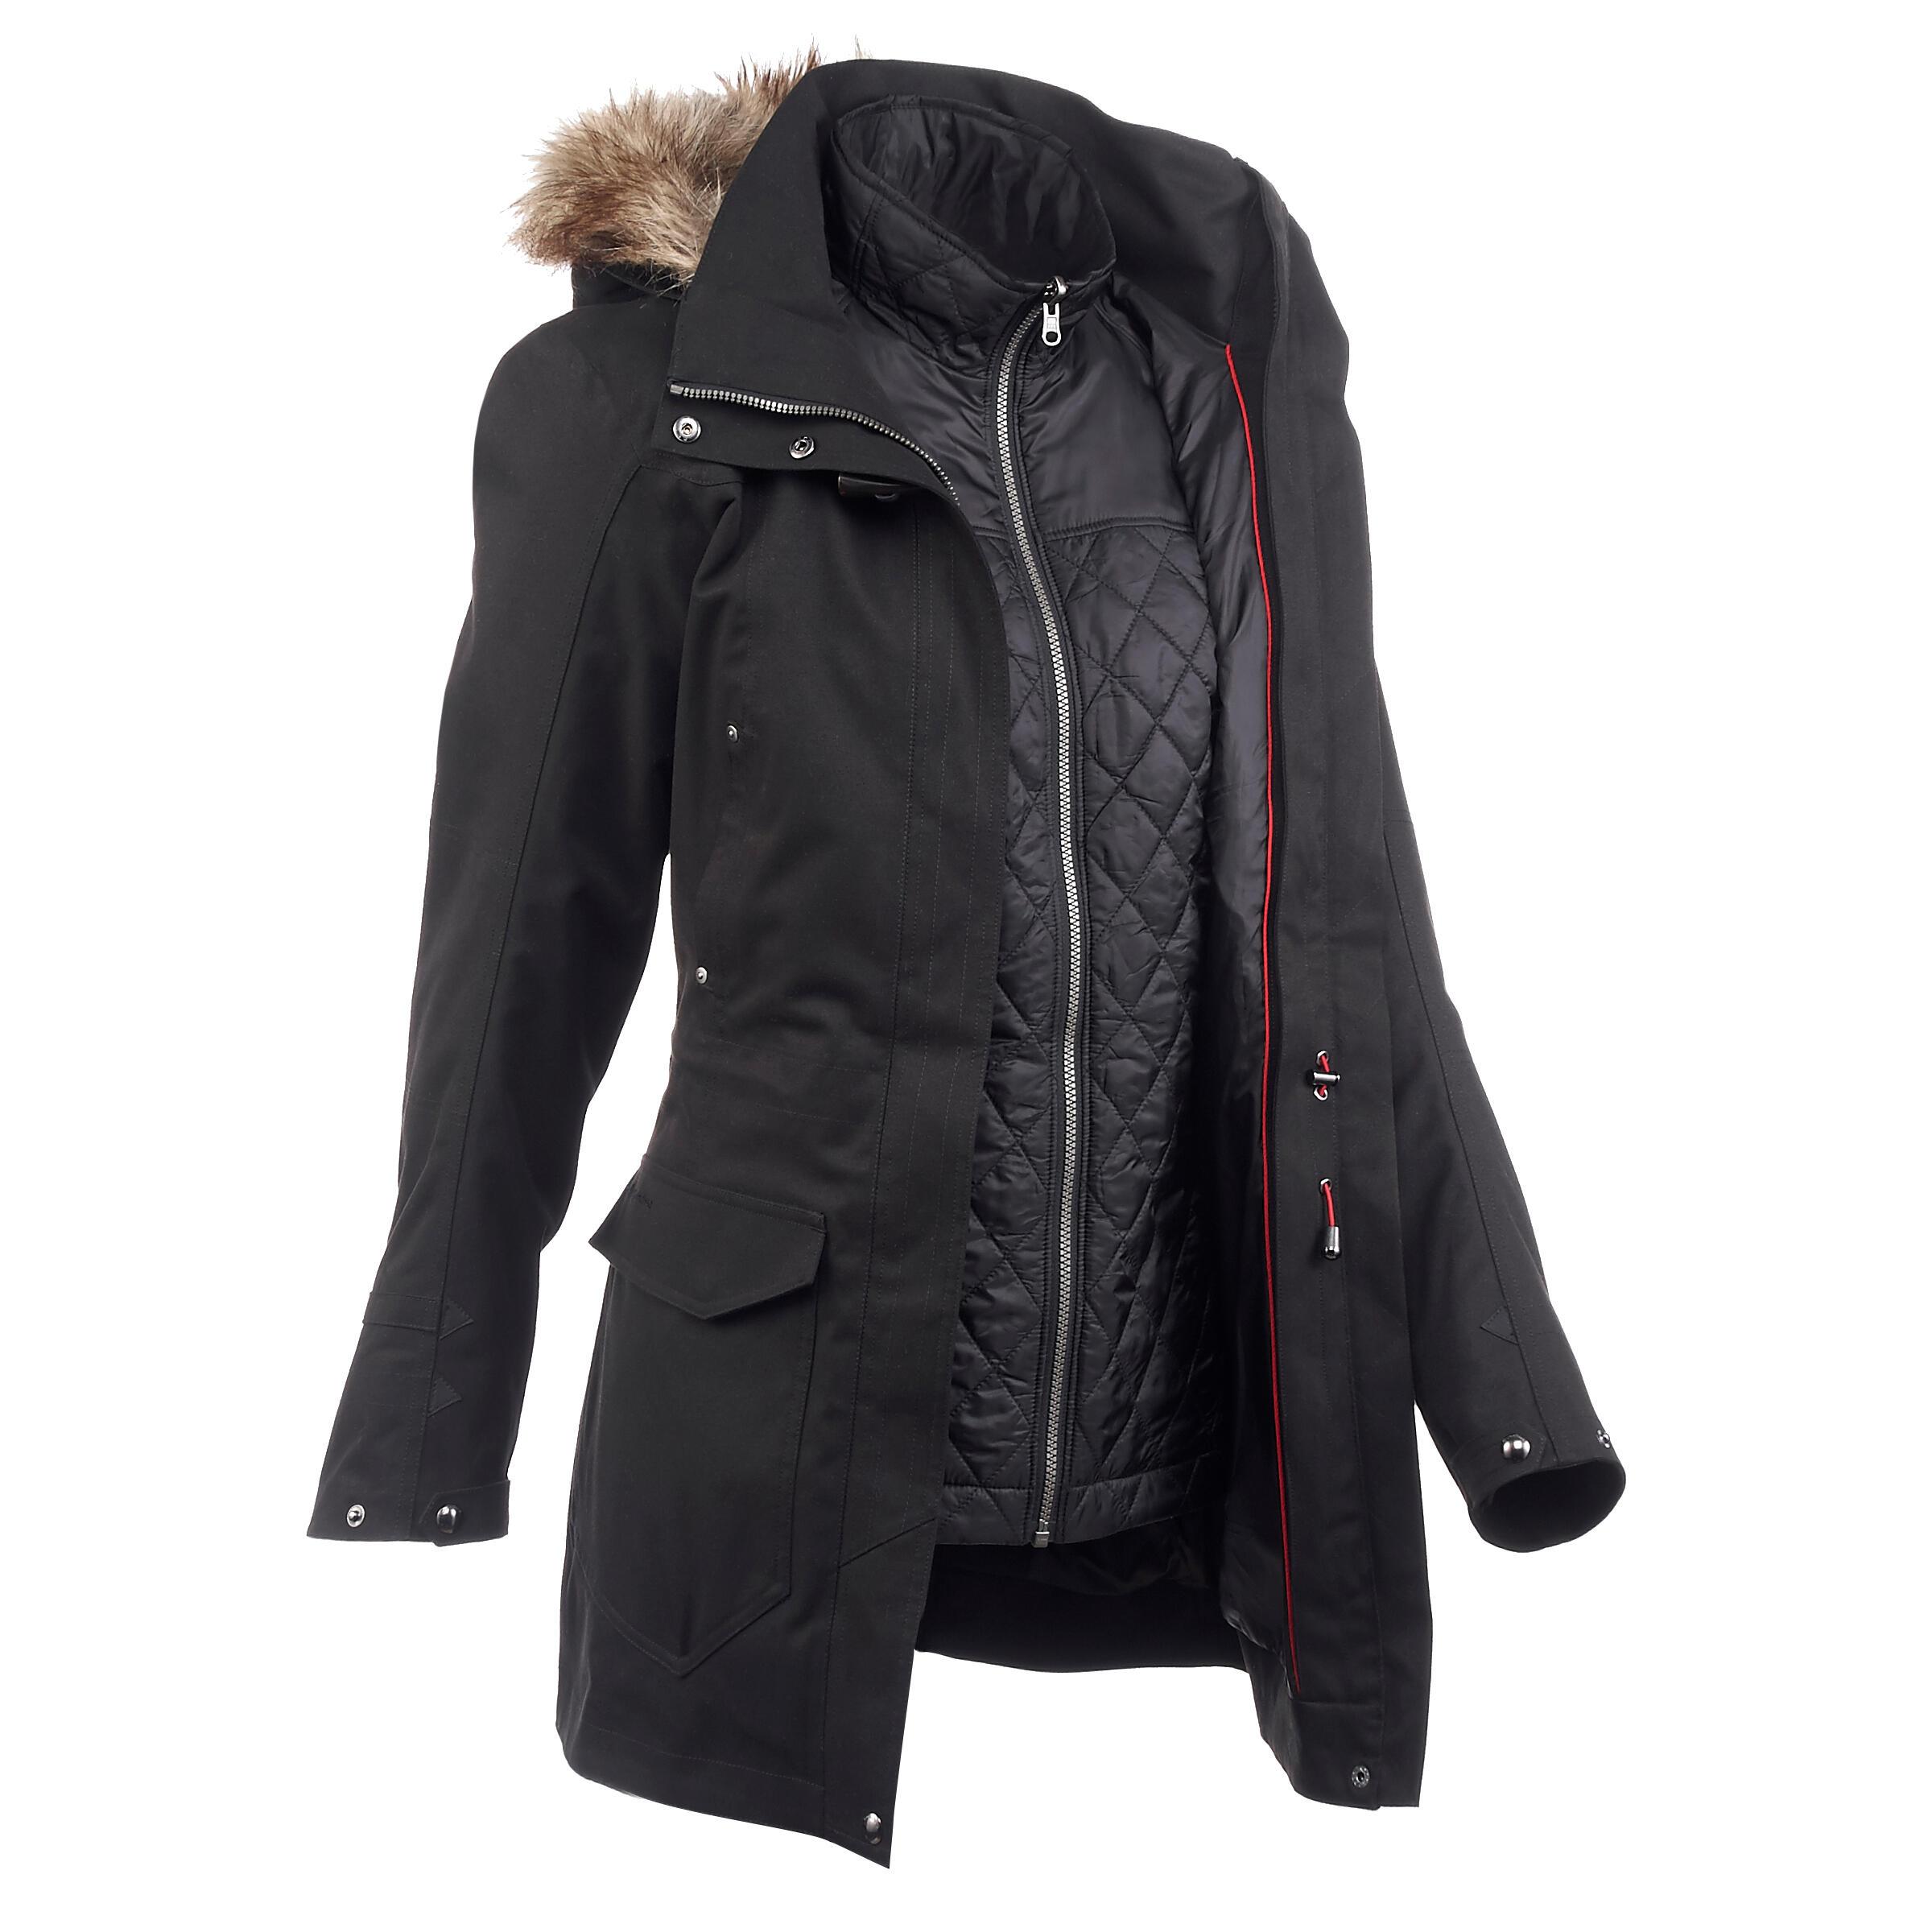 Jachetă Travel 500 damă